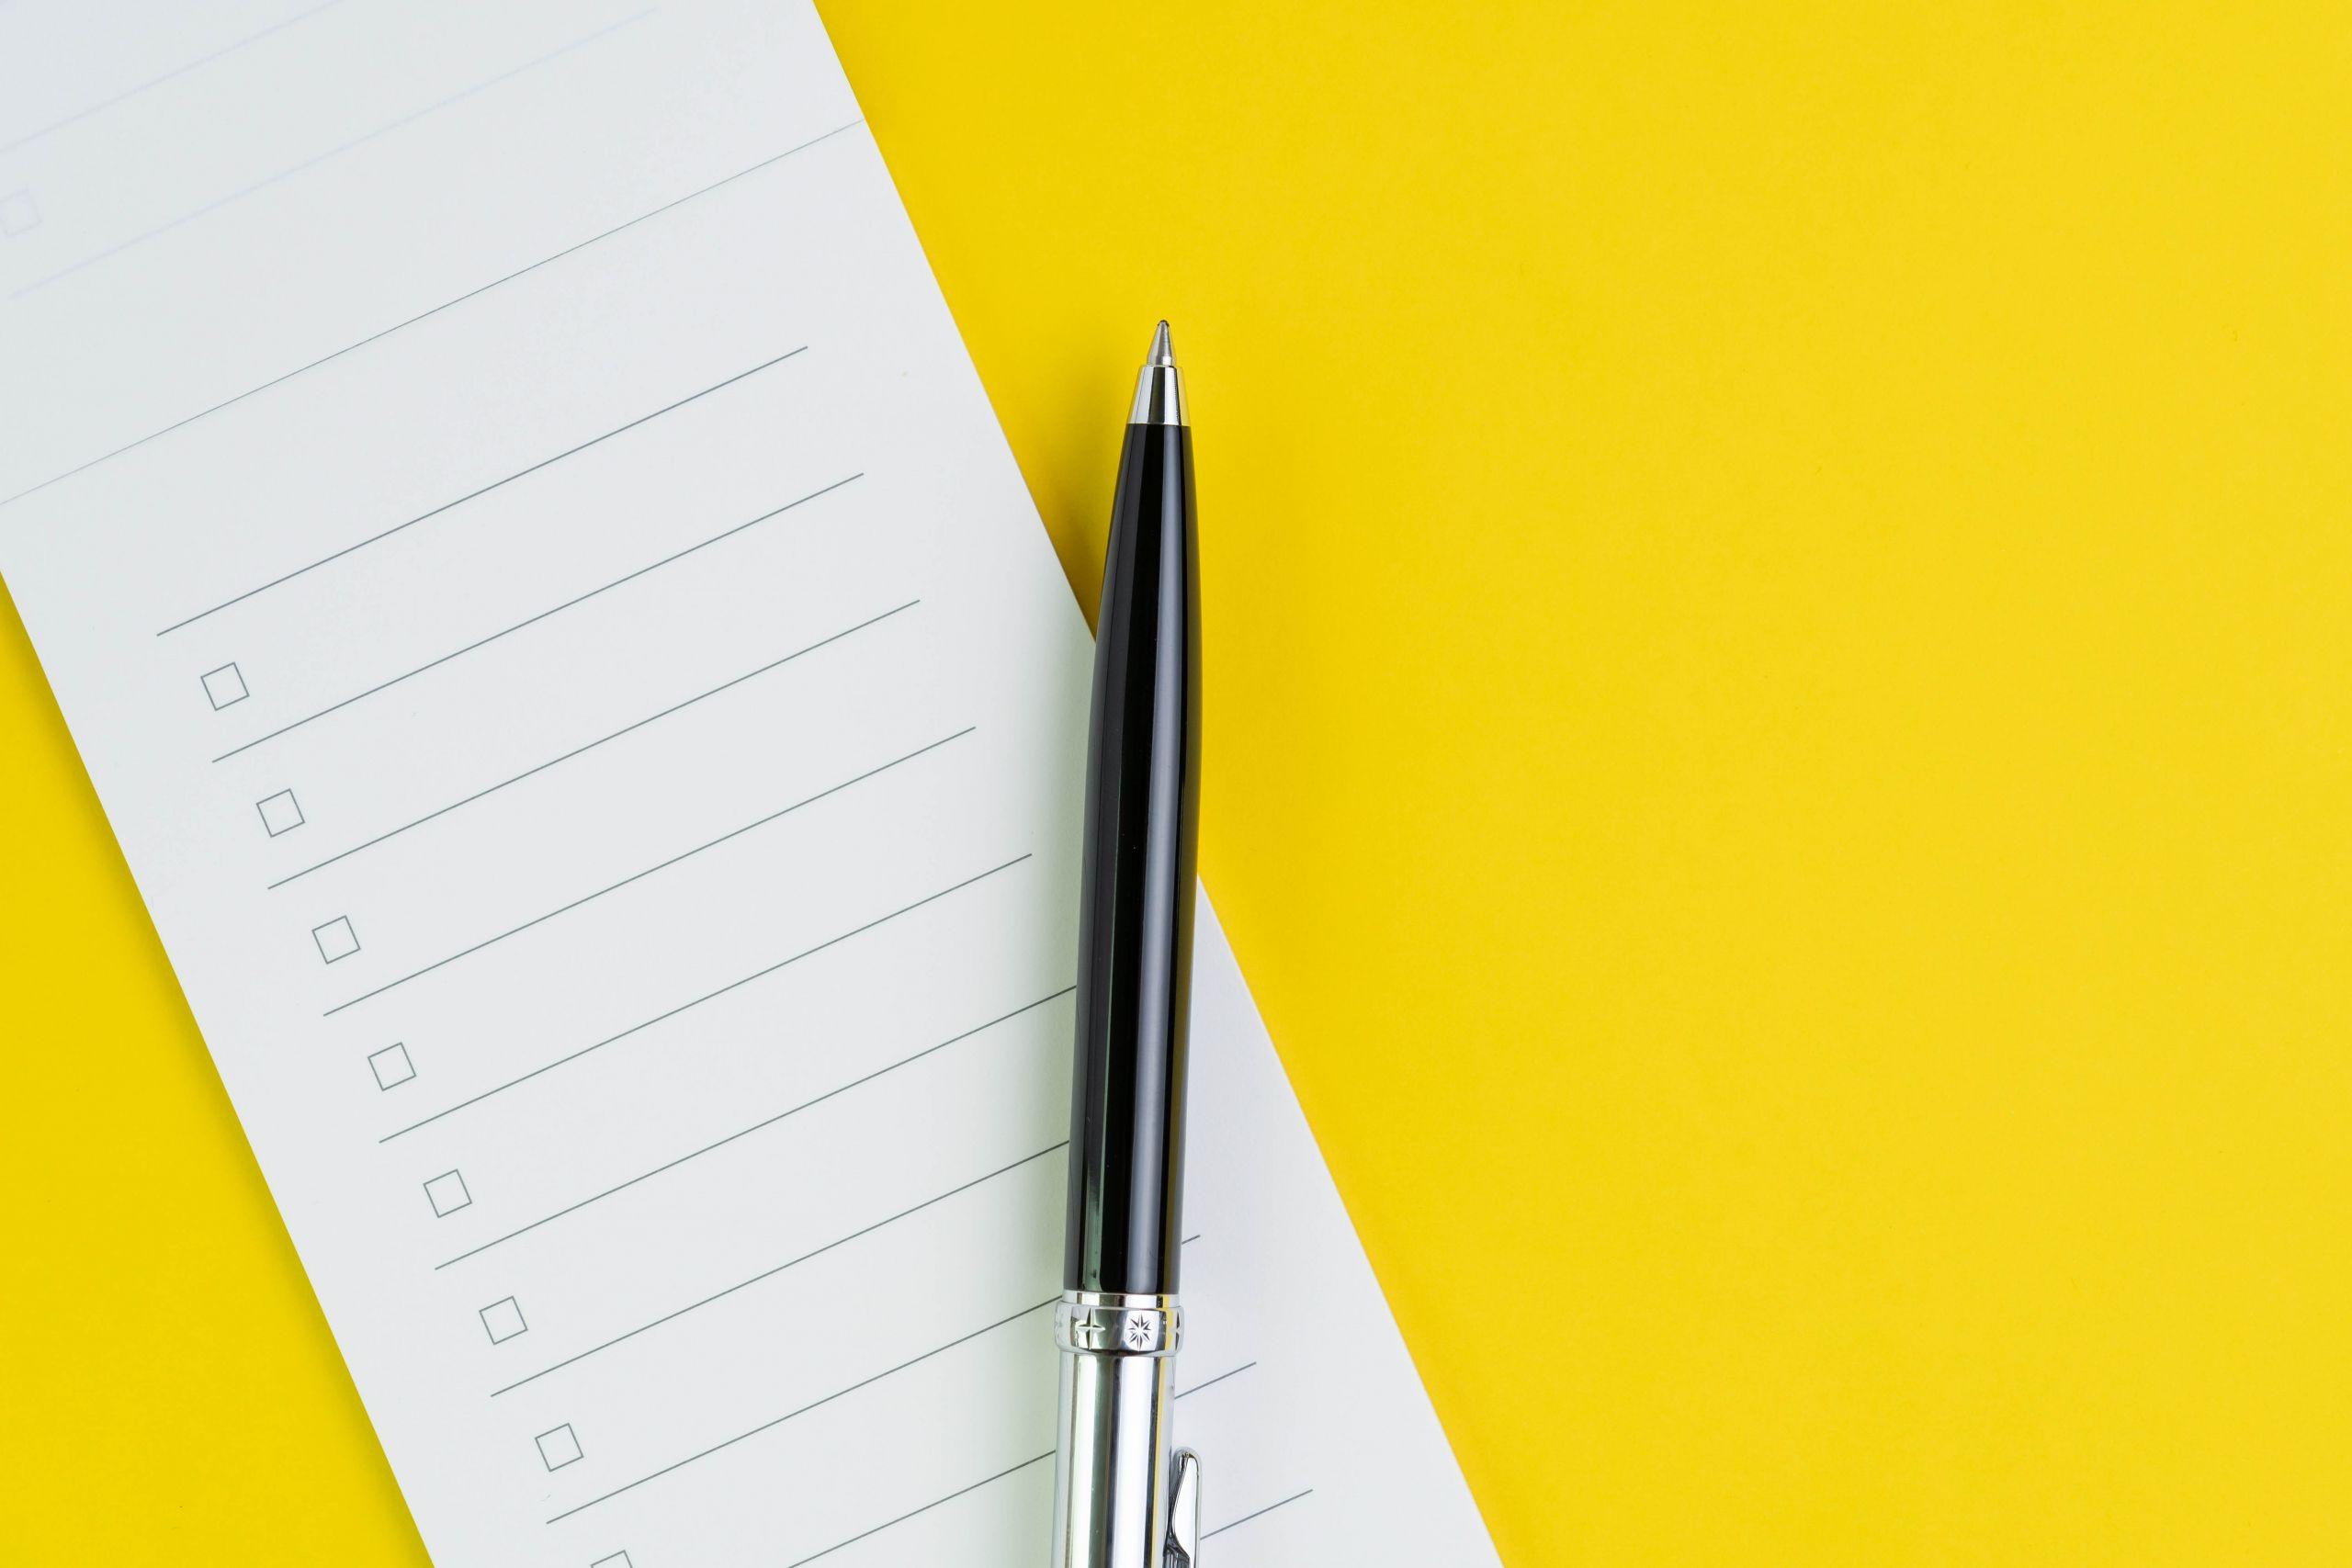 Checkliste auf gelbem Hintergrund. Auf der Checkliste liegt ein Kugelschreiber.